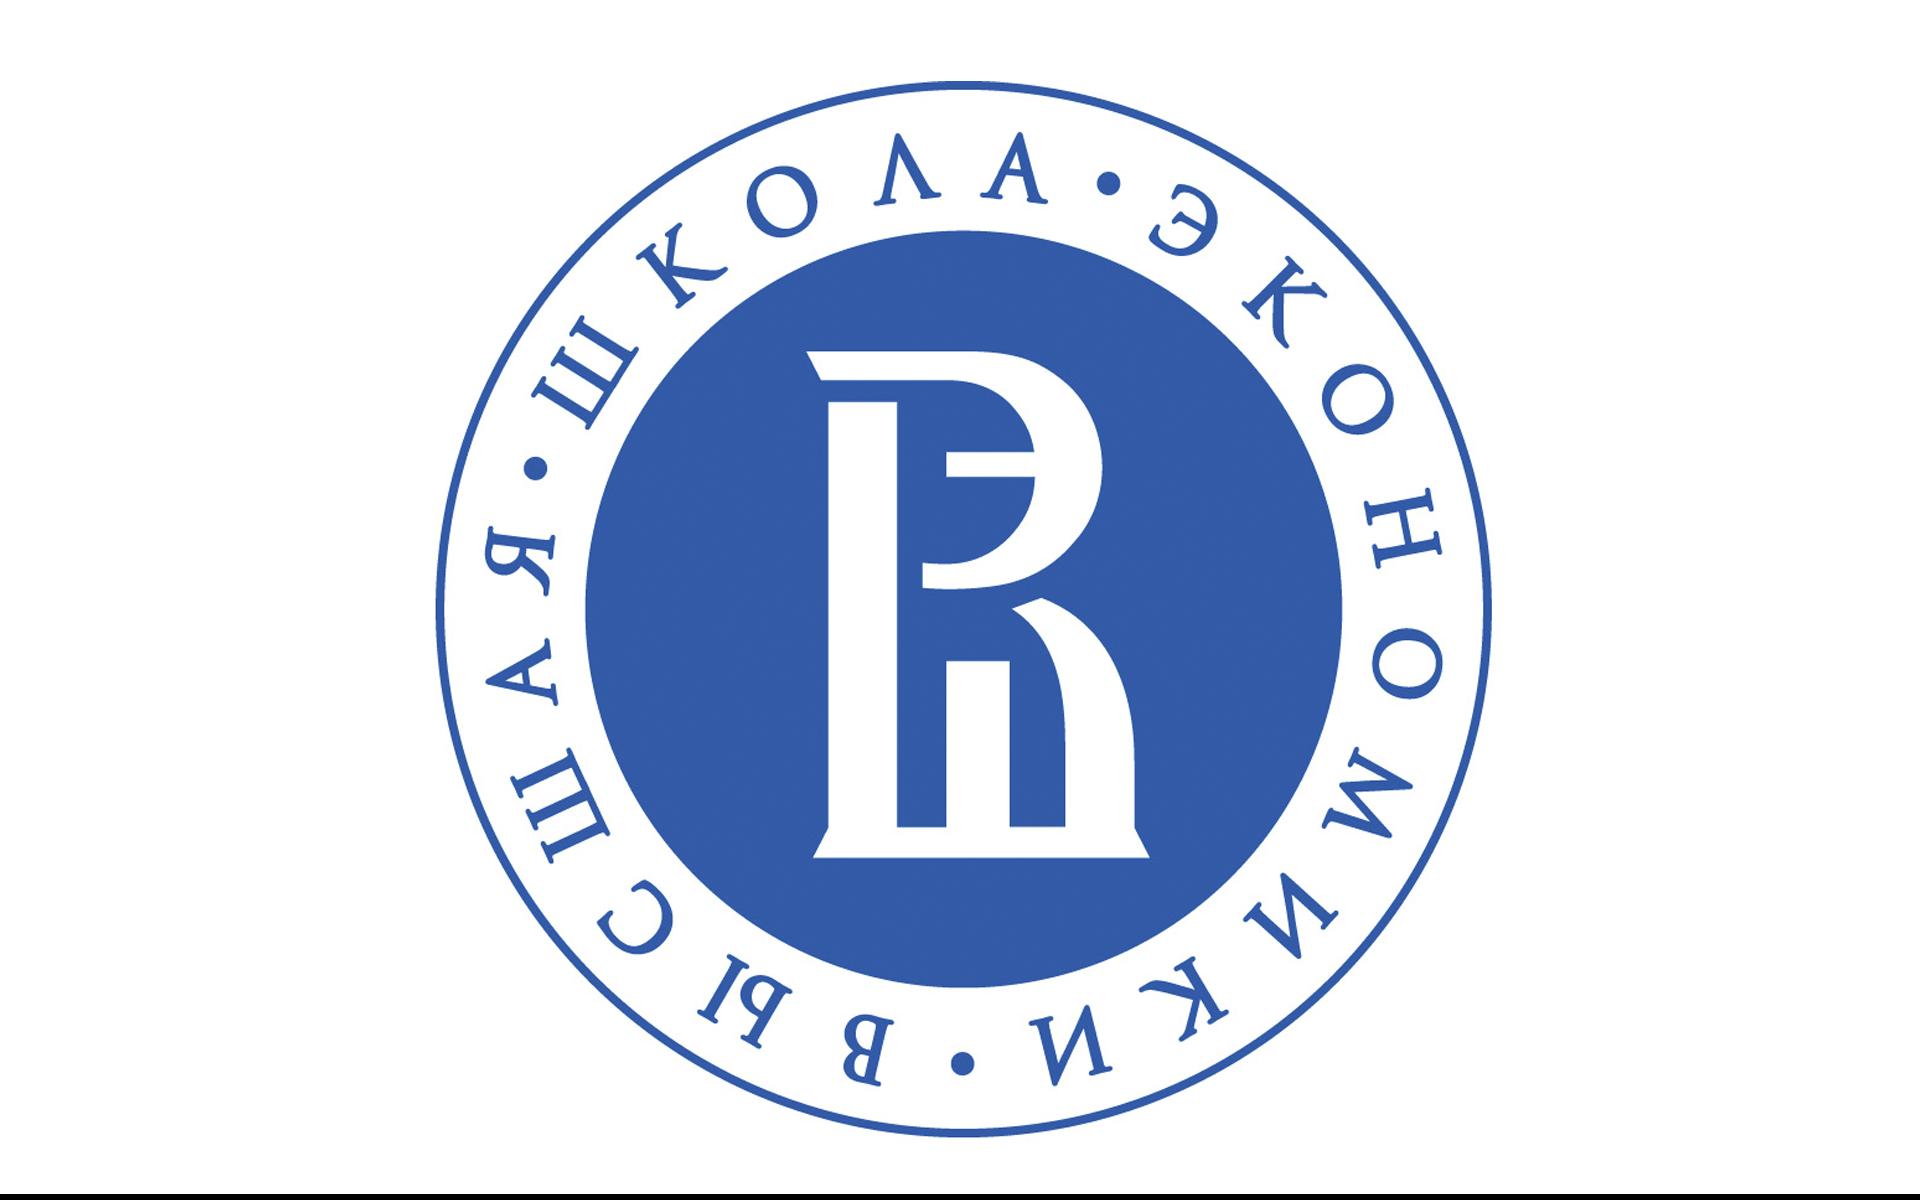 ЦКЕМИ объявляет набор на исследовательскую стажировку